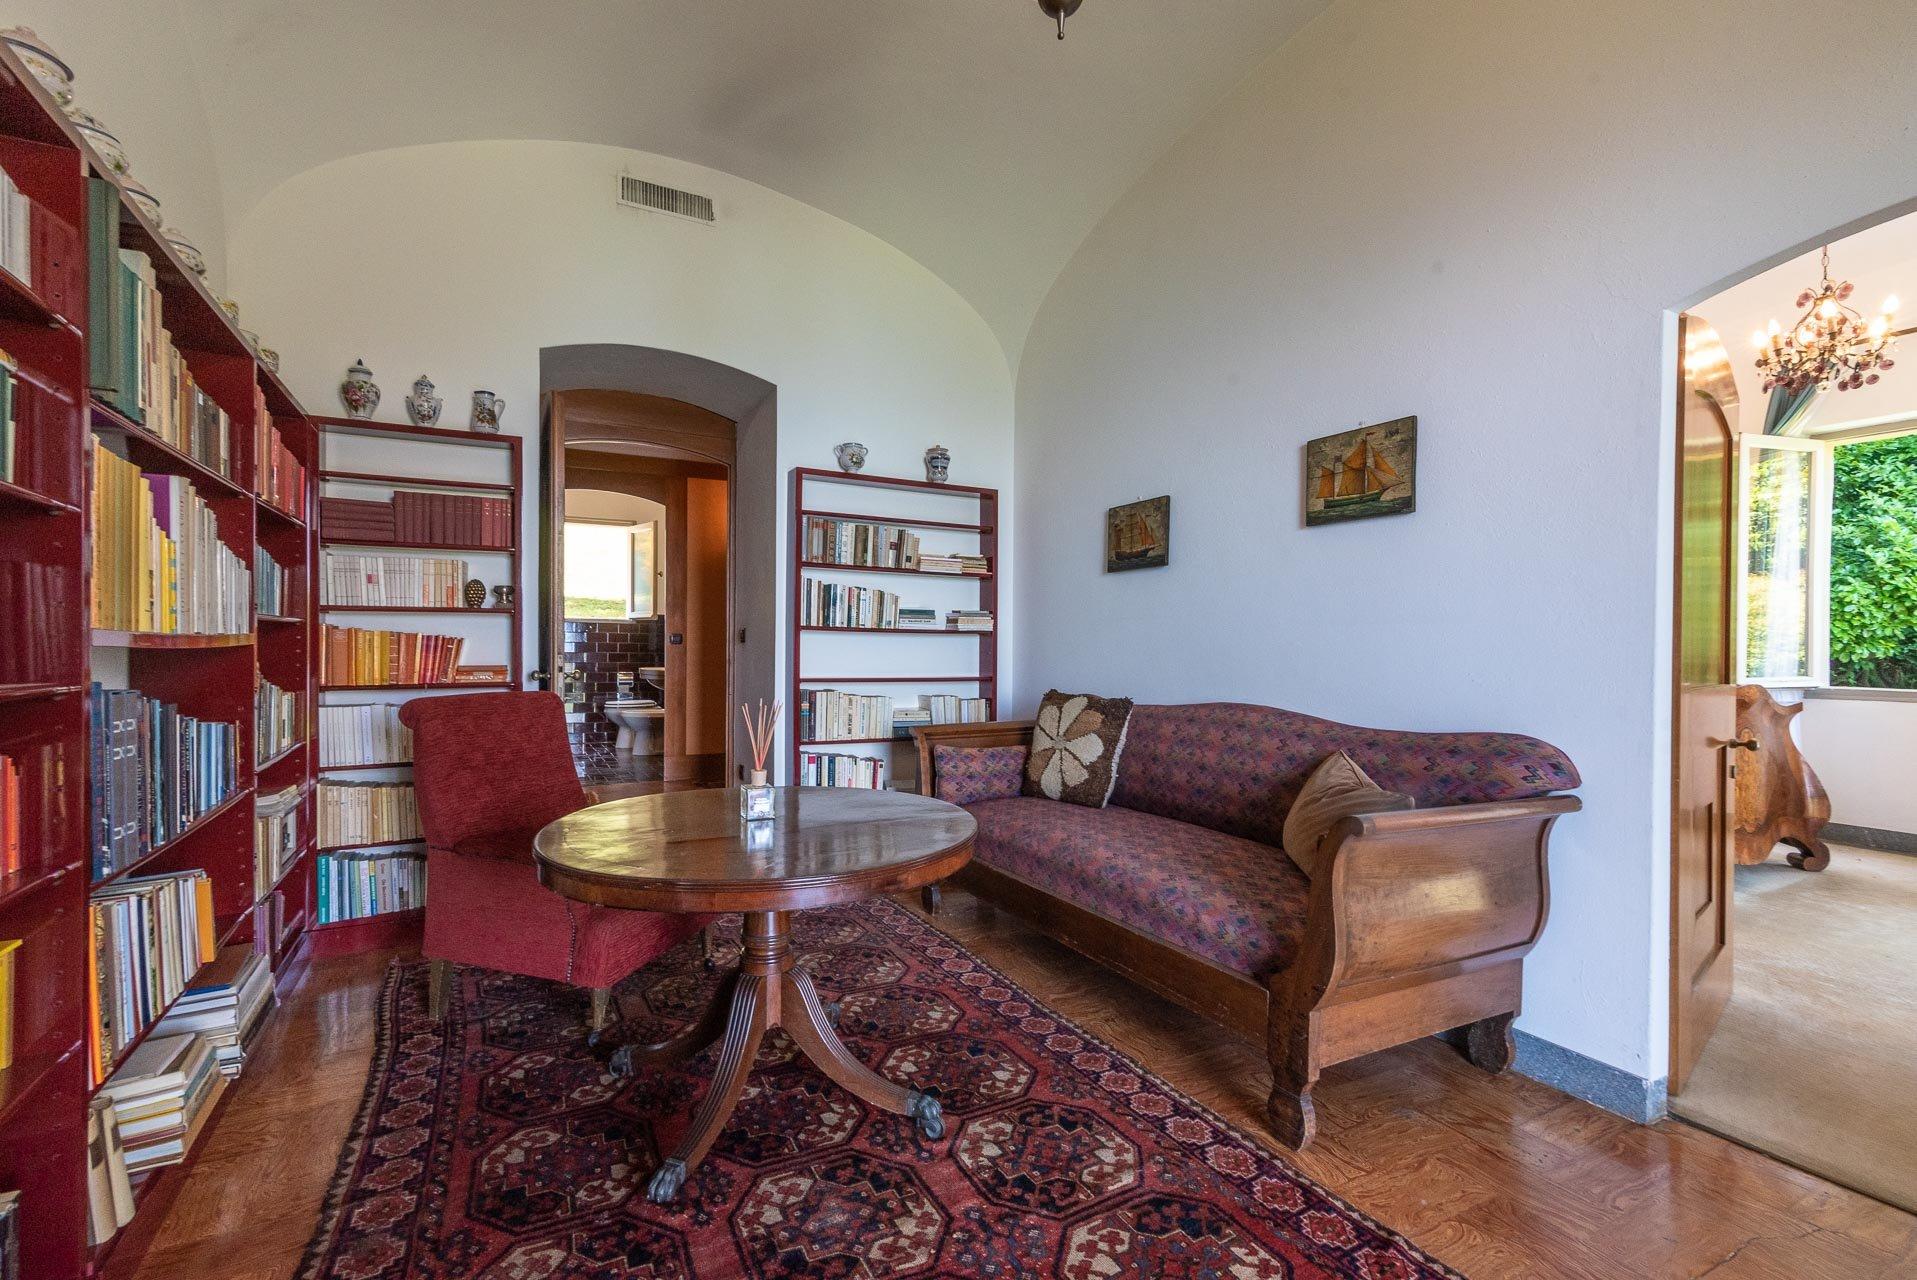 Elegant lake view villa for sale in Stresa - librery